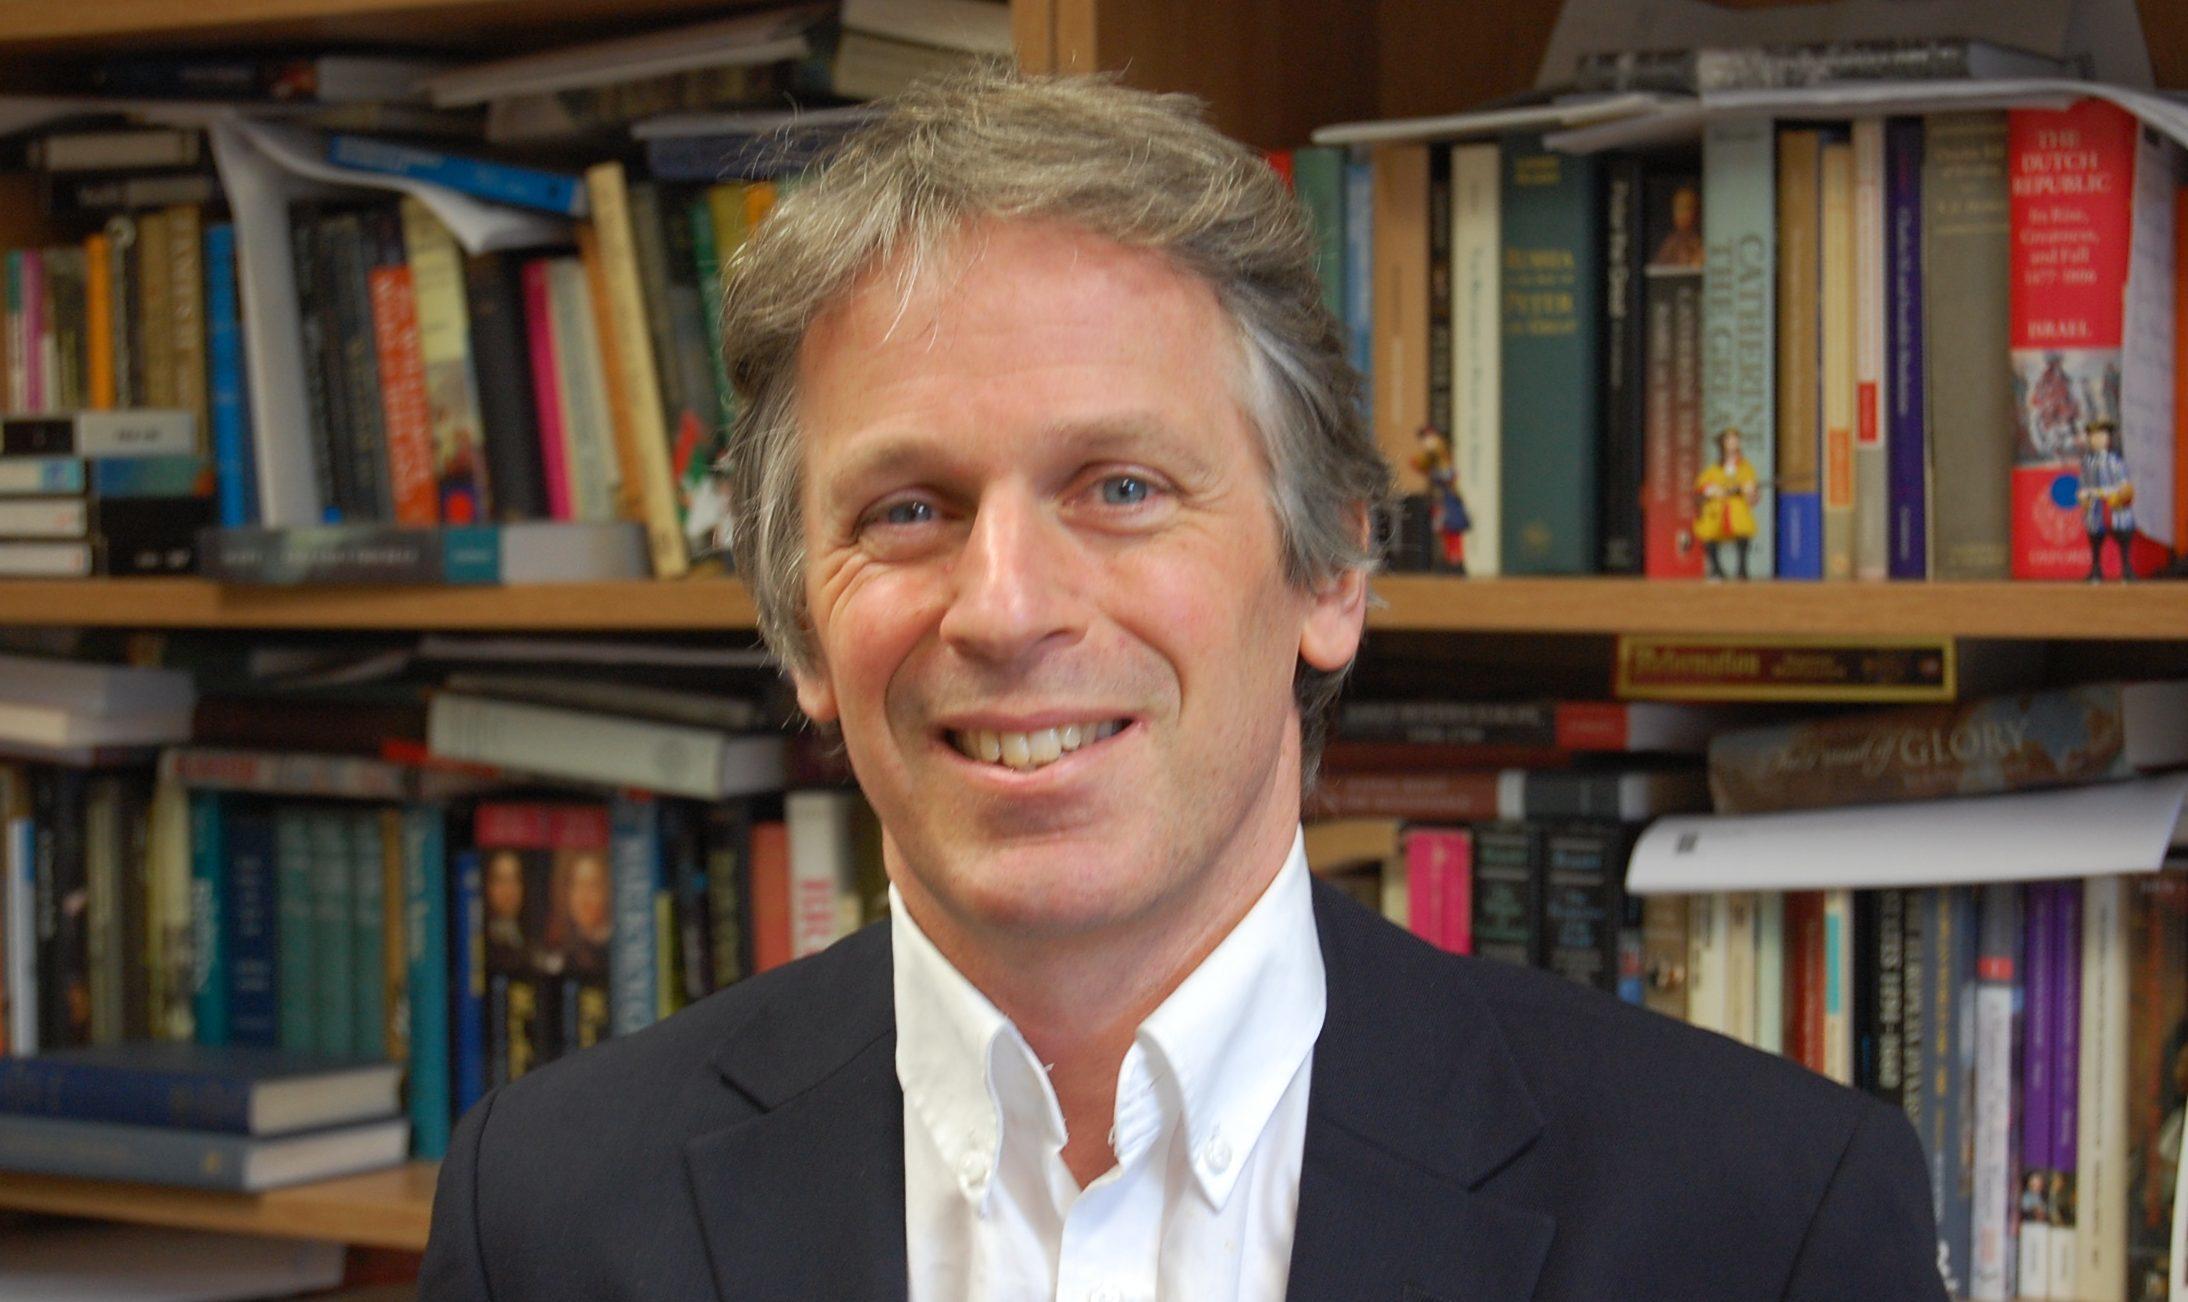 Professor John Hudson